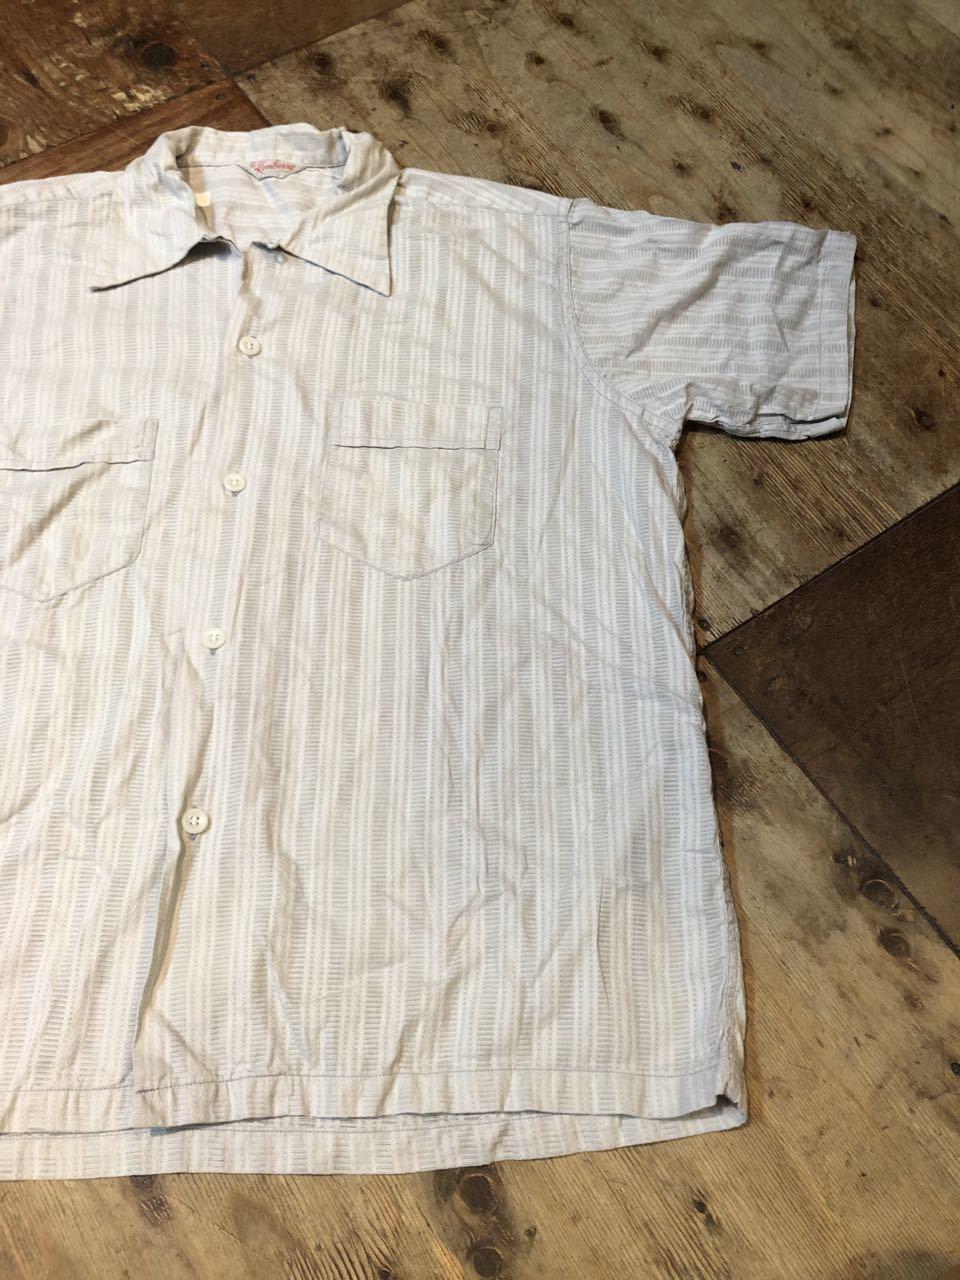 7月11日(土)入荷!50s all cotton Kenberry オープンカラーシャツ!_c0144020_13434536.jpg